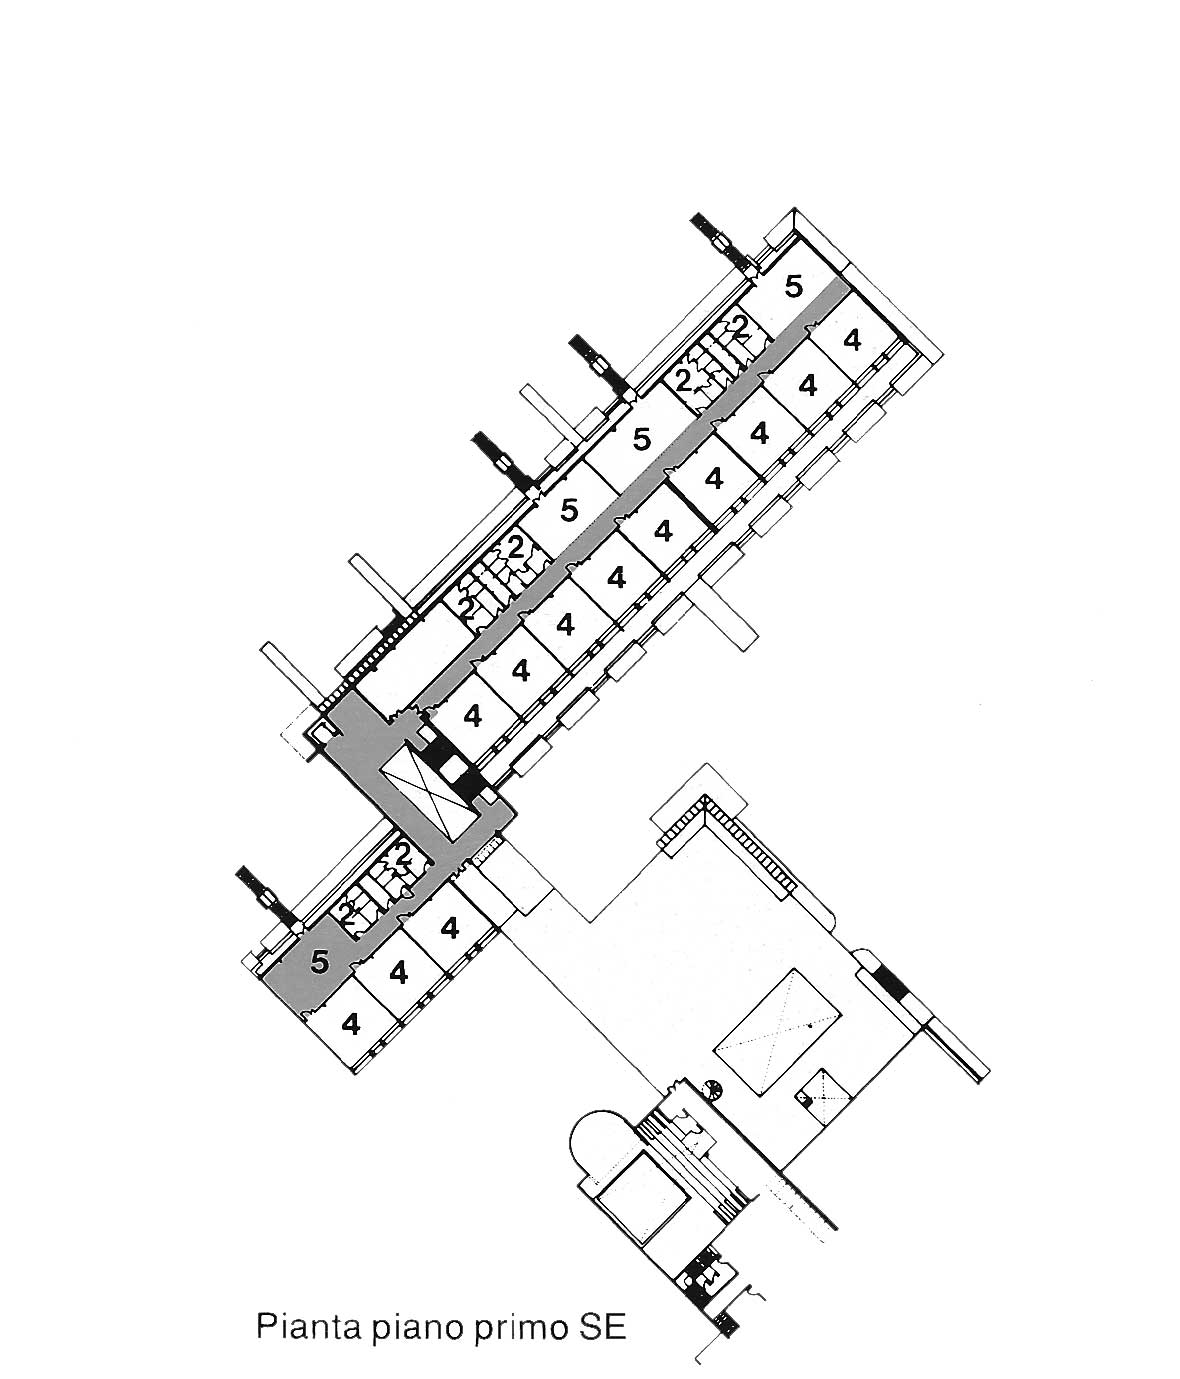 7 - Plessi scolastici nel PdZ 167 di Tor Bella Monaca, Roma; con N. Campanini, D. Ciaffi, F. W. Facilla, R. Giuffrè - scuola elementare comparto 7: pianta piano primo